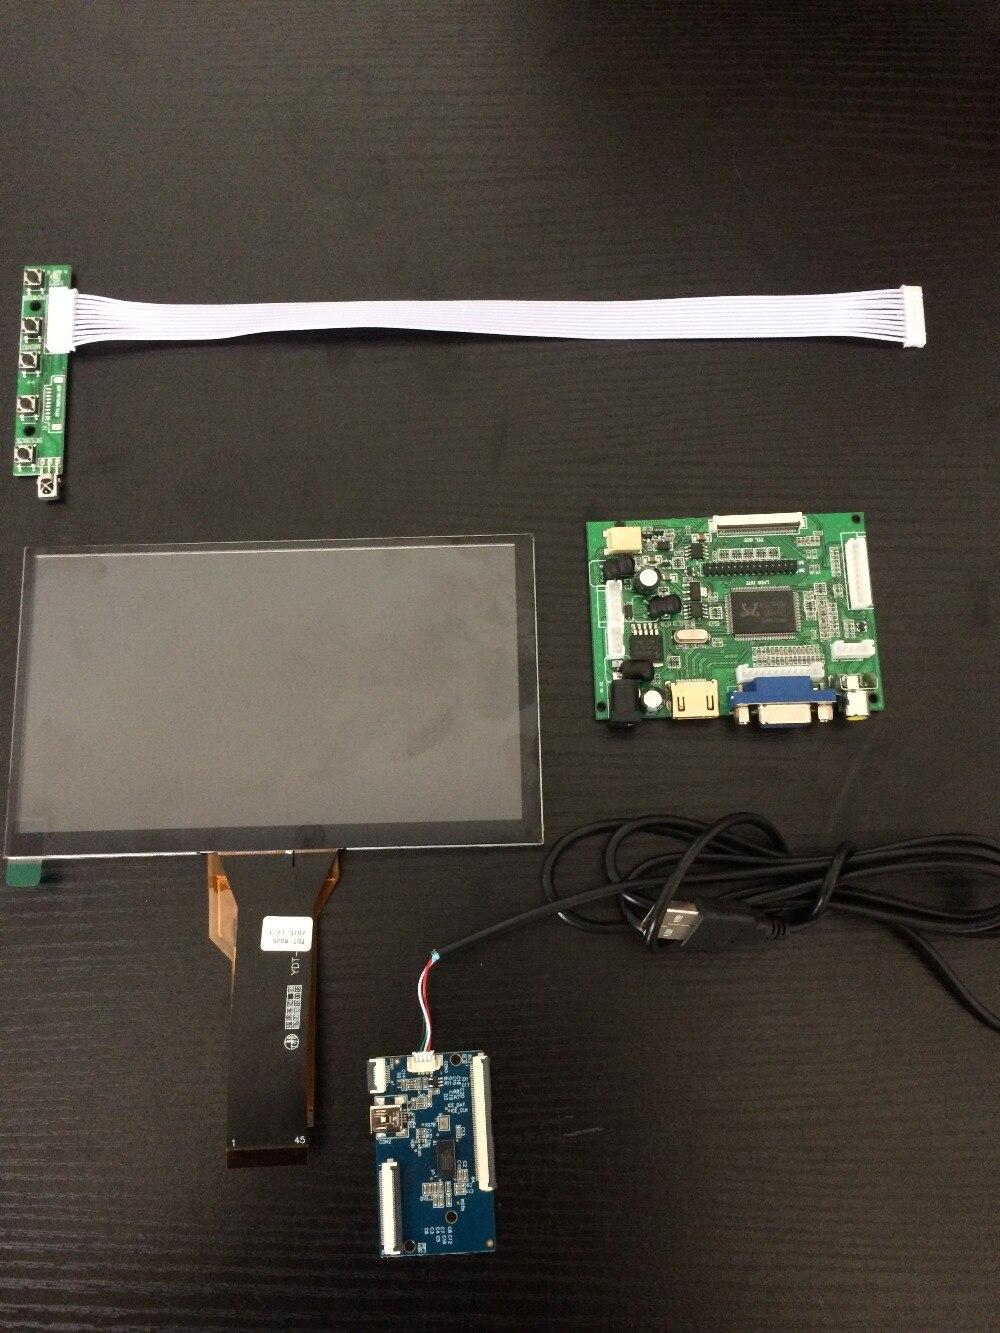 شاشة لمس سعوية مع 800 × 480 ، 7 بوصات ، لوحة تحكم lcd ، مجموعة لوحة مفاتيح مع جهاز تحكم عن بعد لـ Raspberry